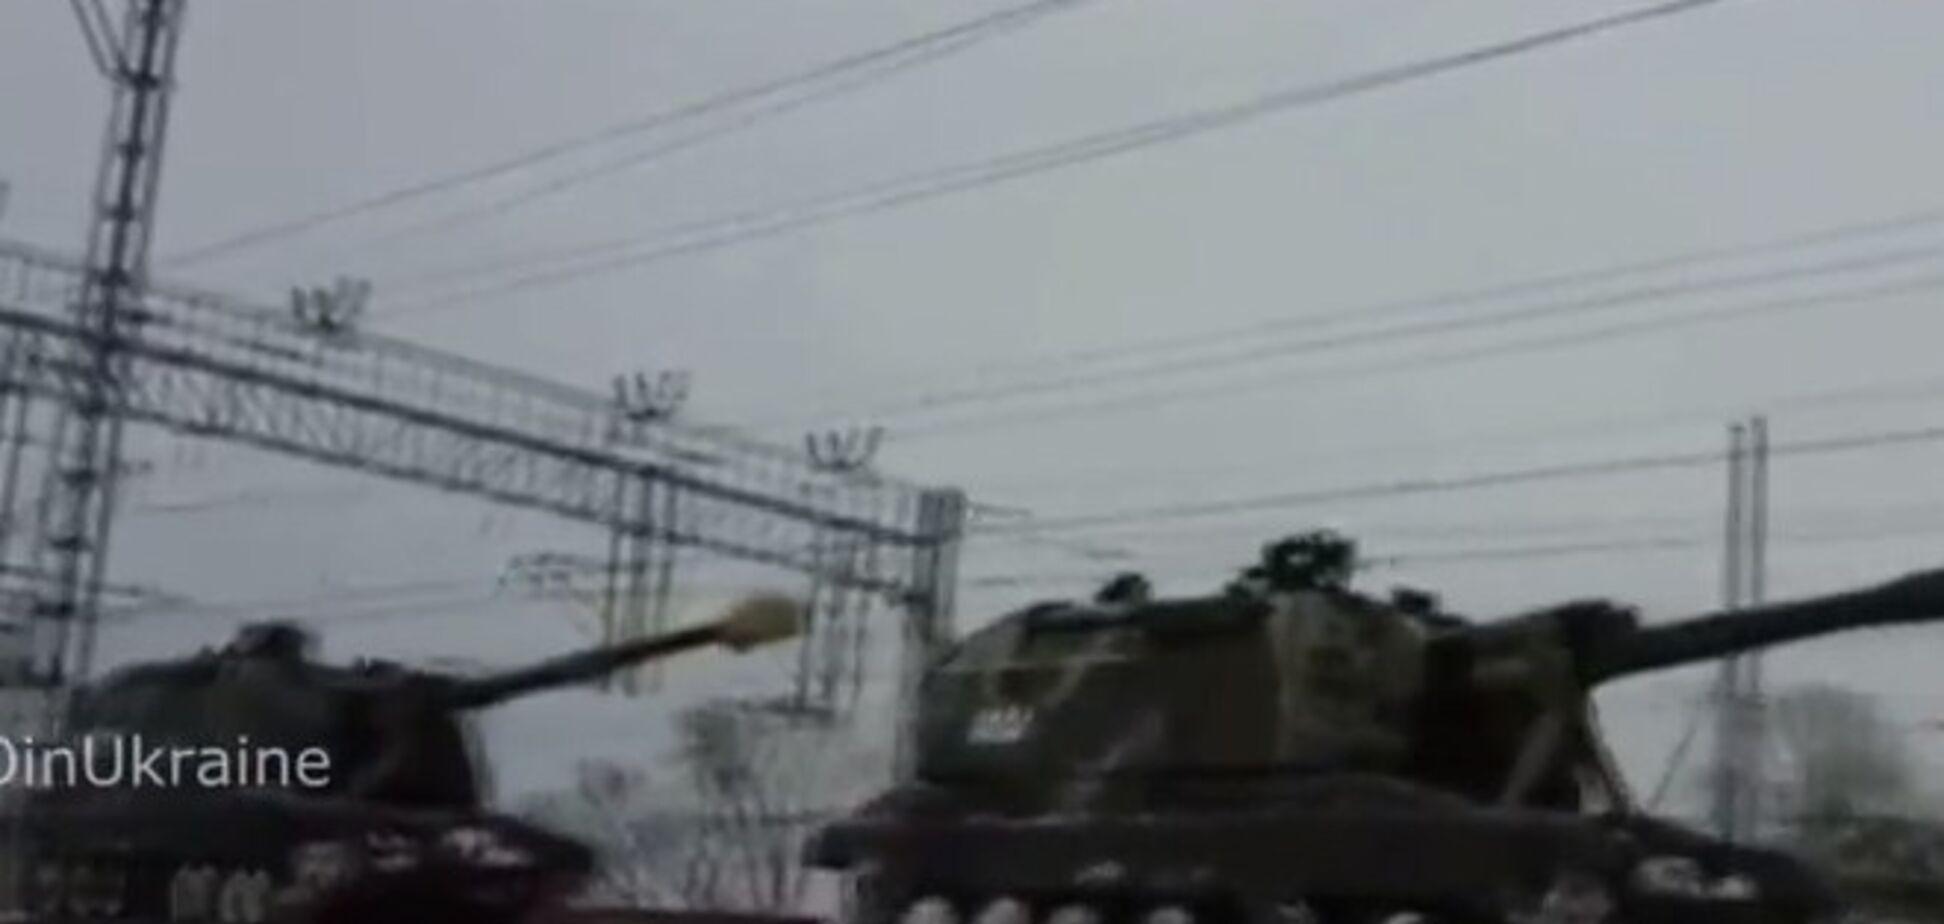 Россия по железной дороге перебрасывает бронетехнику к границе с Украиной: разоблачительное видео